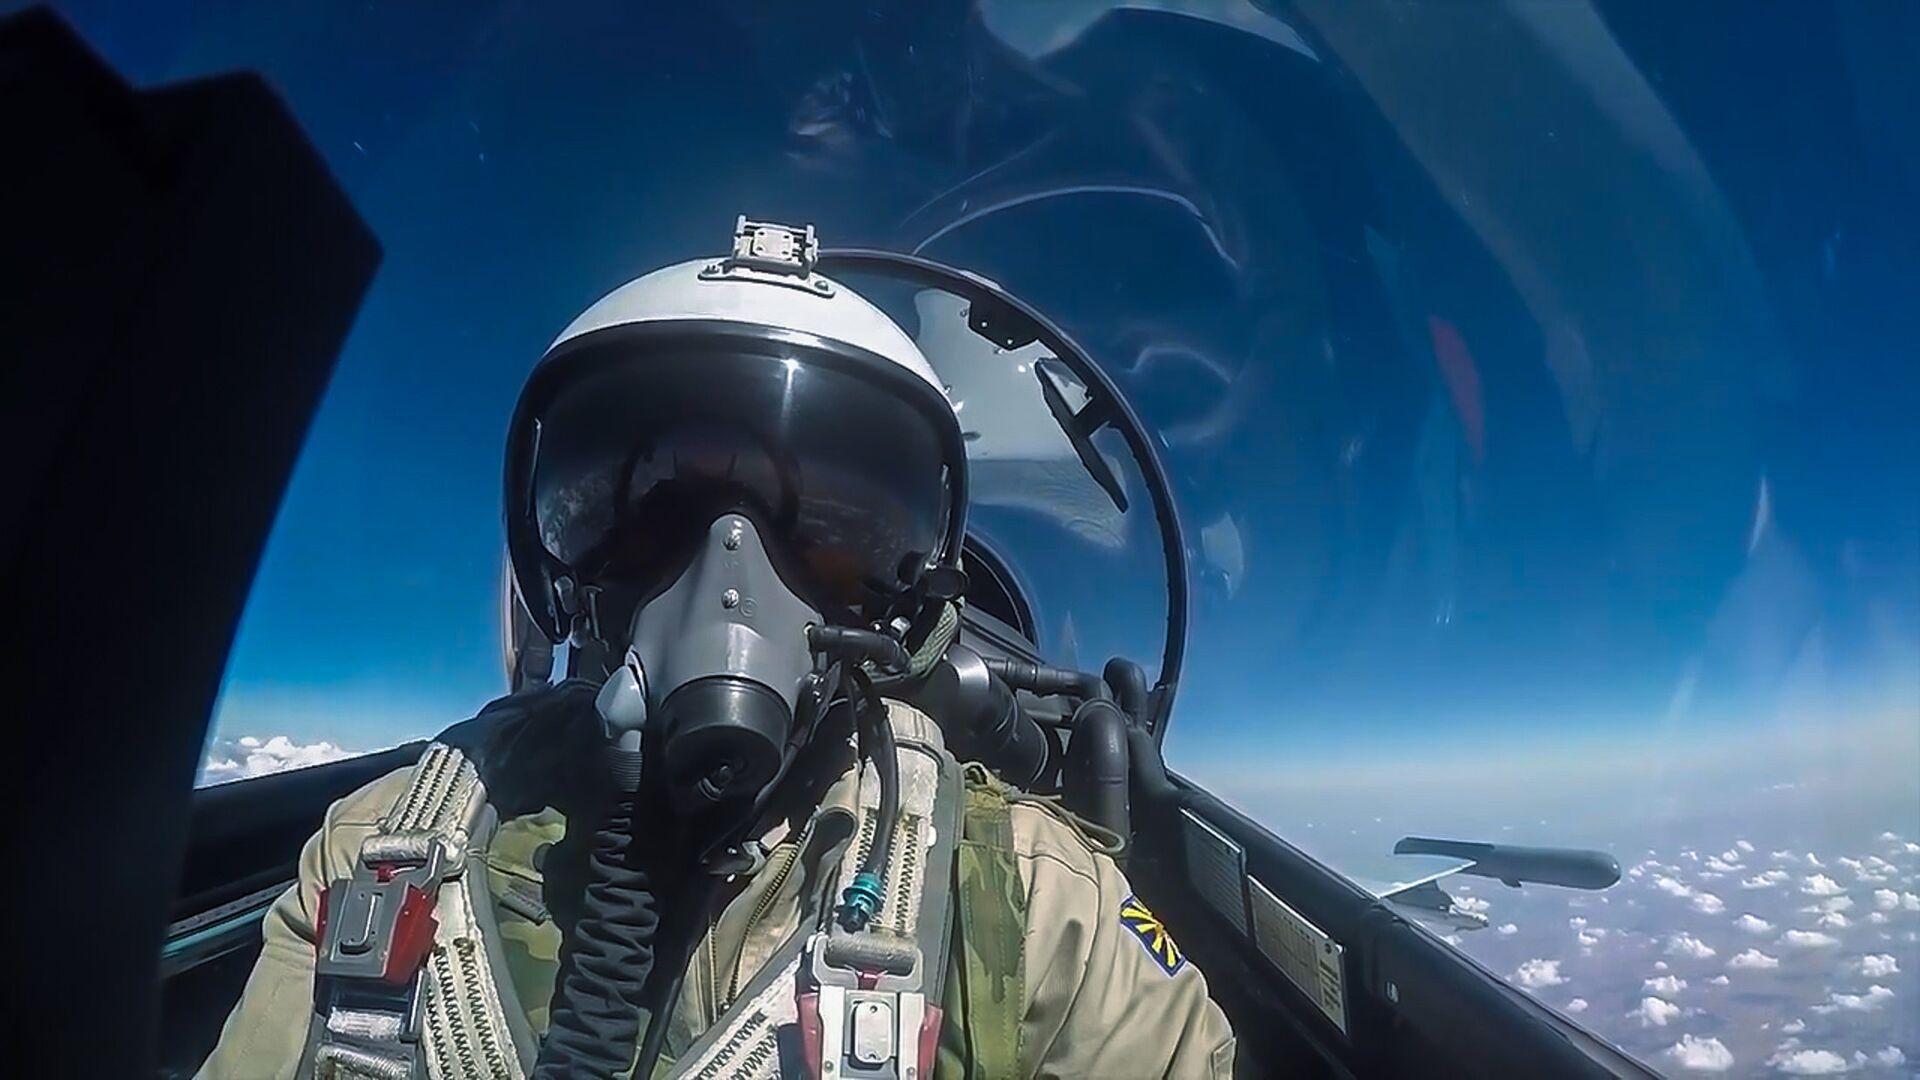 Мантуров заявил о подготовке истребителя Су-57 к модернизации